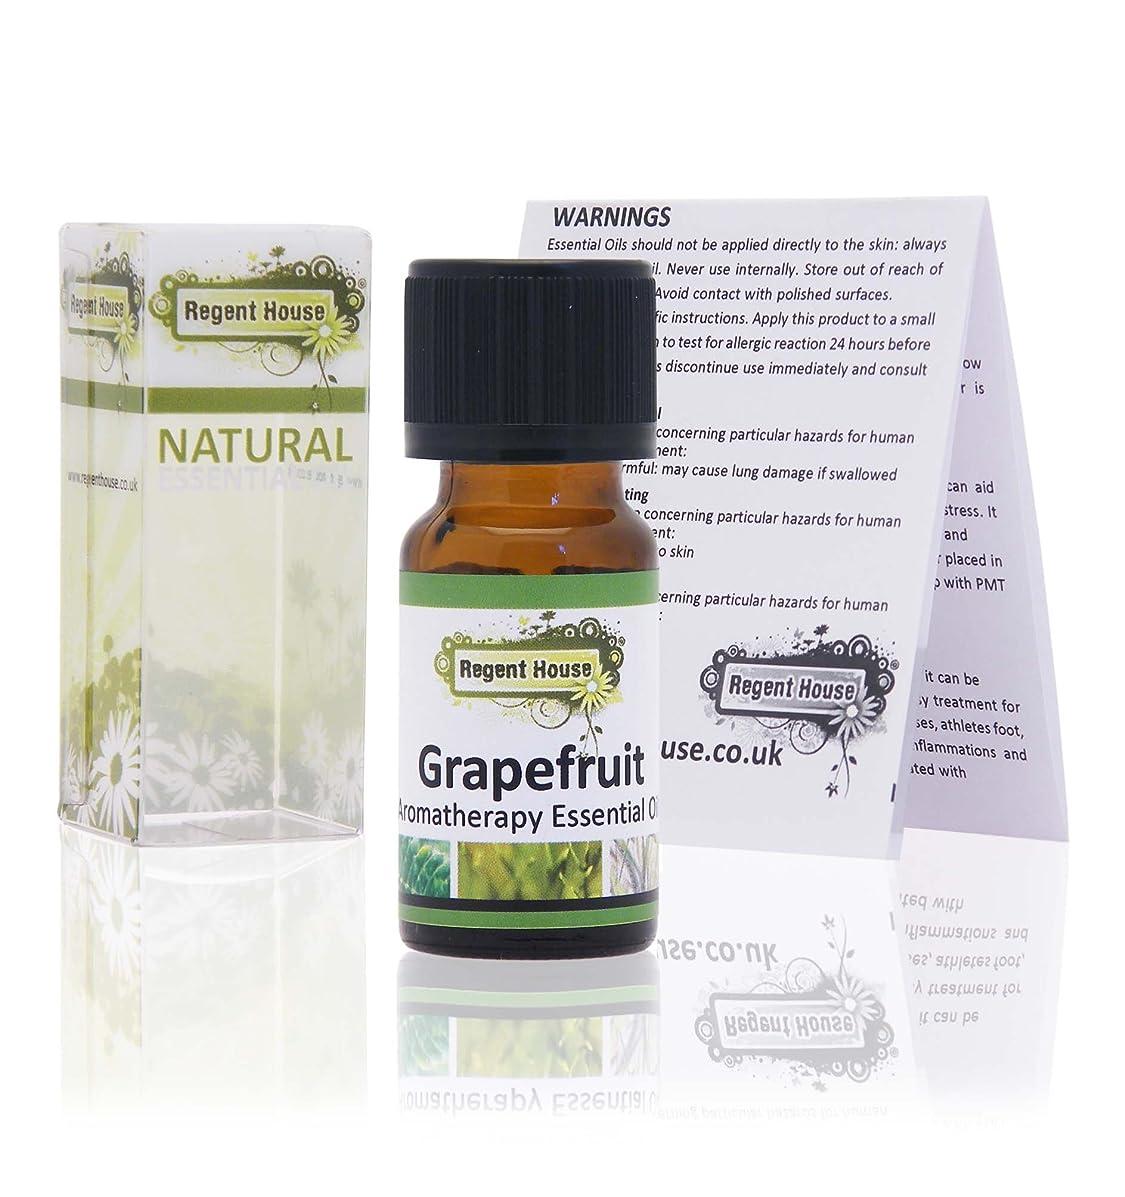 悲しむ体操引数ナチュラルエッセンシャルオイル グレープフルーツ(Grapefruit)